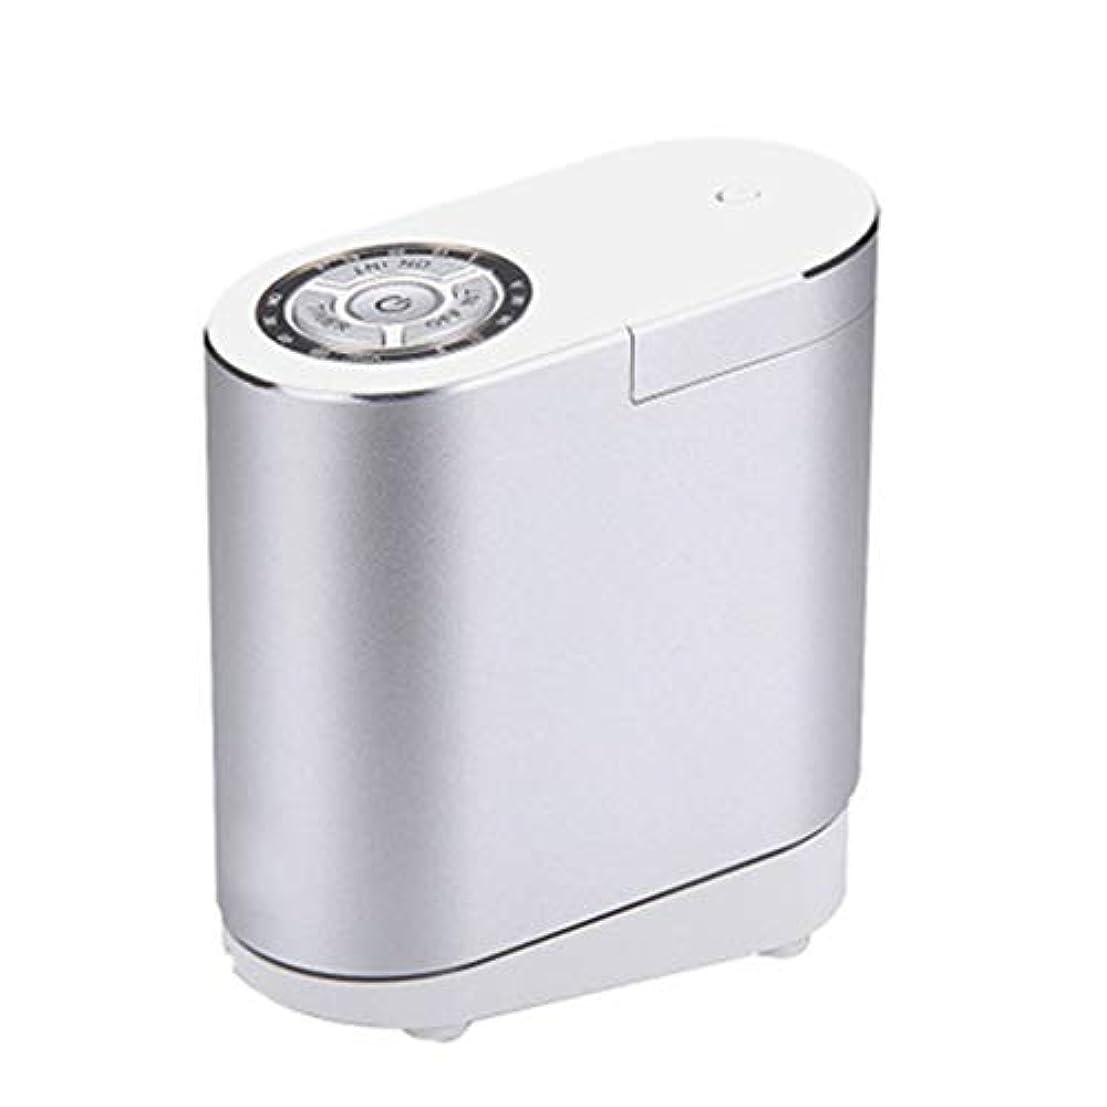 等教育者知るクールミスト空気加湿器、30ミリリットルディフューザーエアコン、4Sショップのリビングルームの研究寝室のオフィスに適して (Color : Silver)